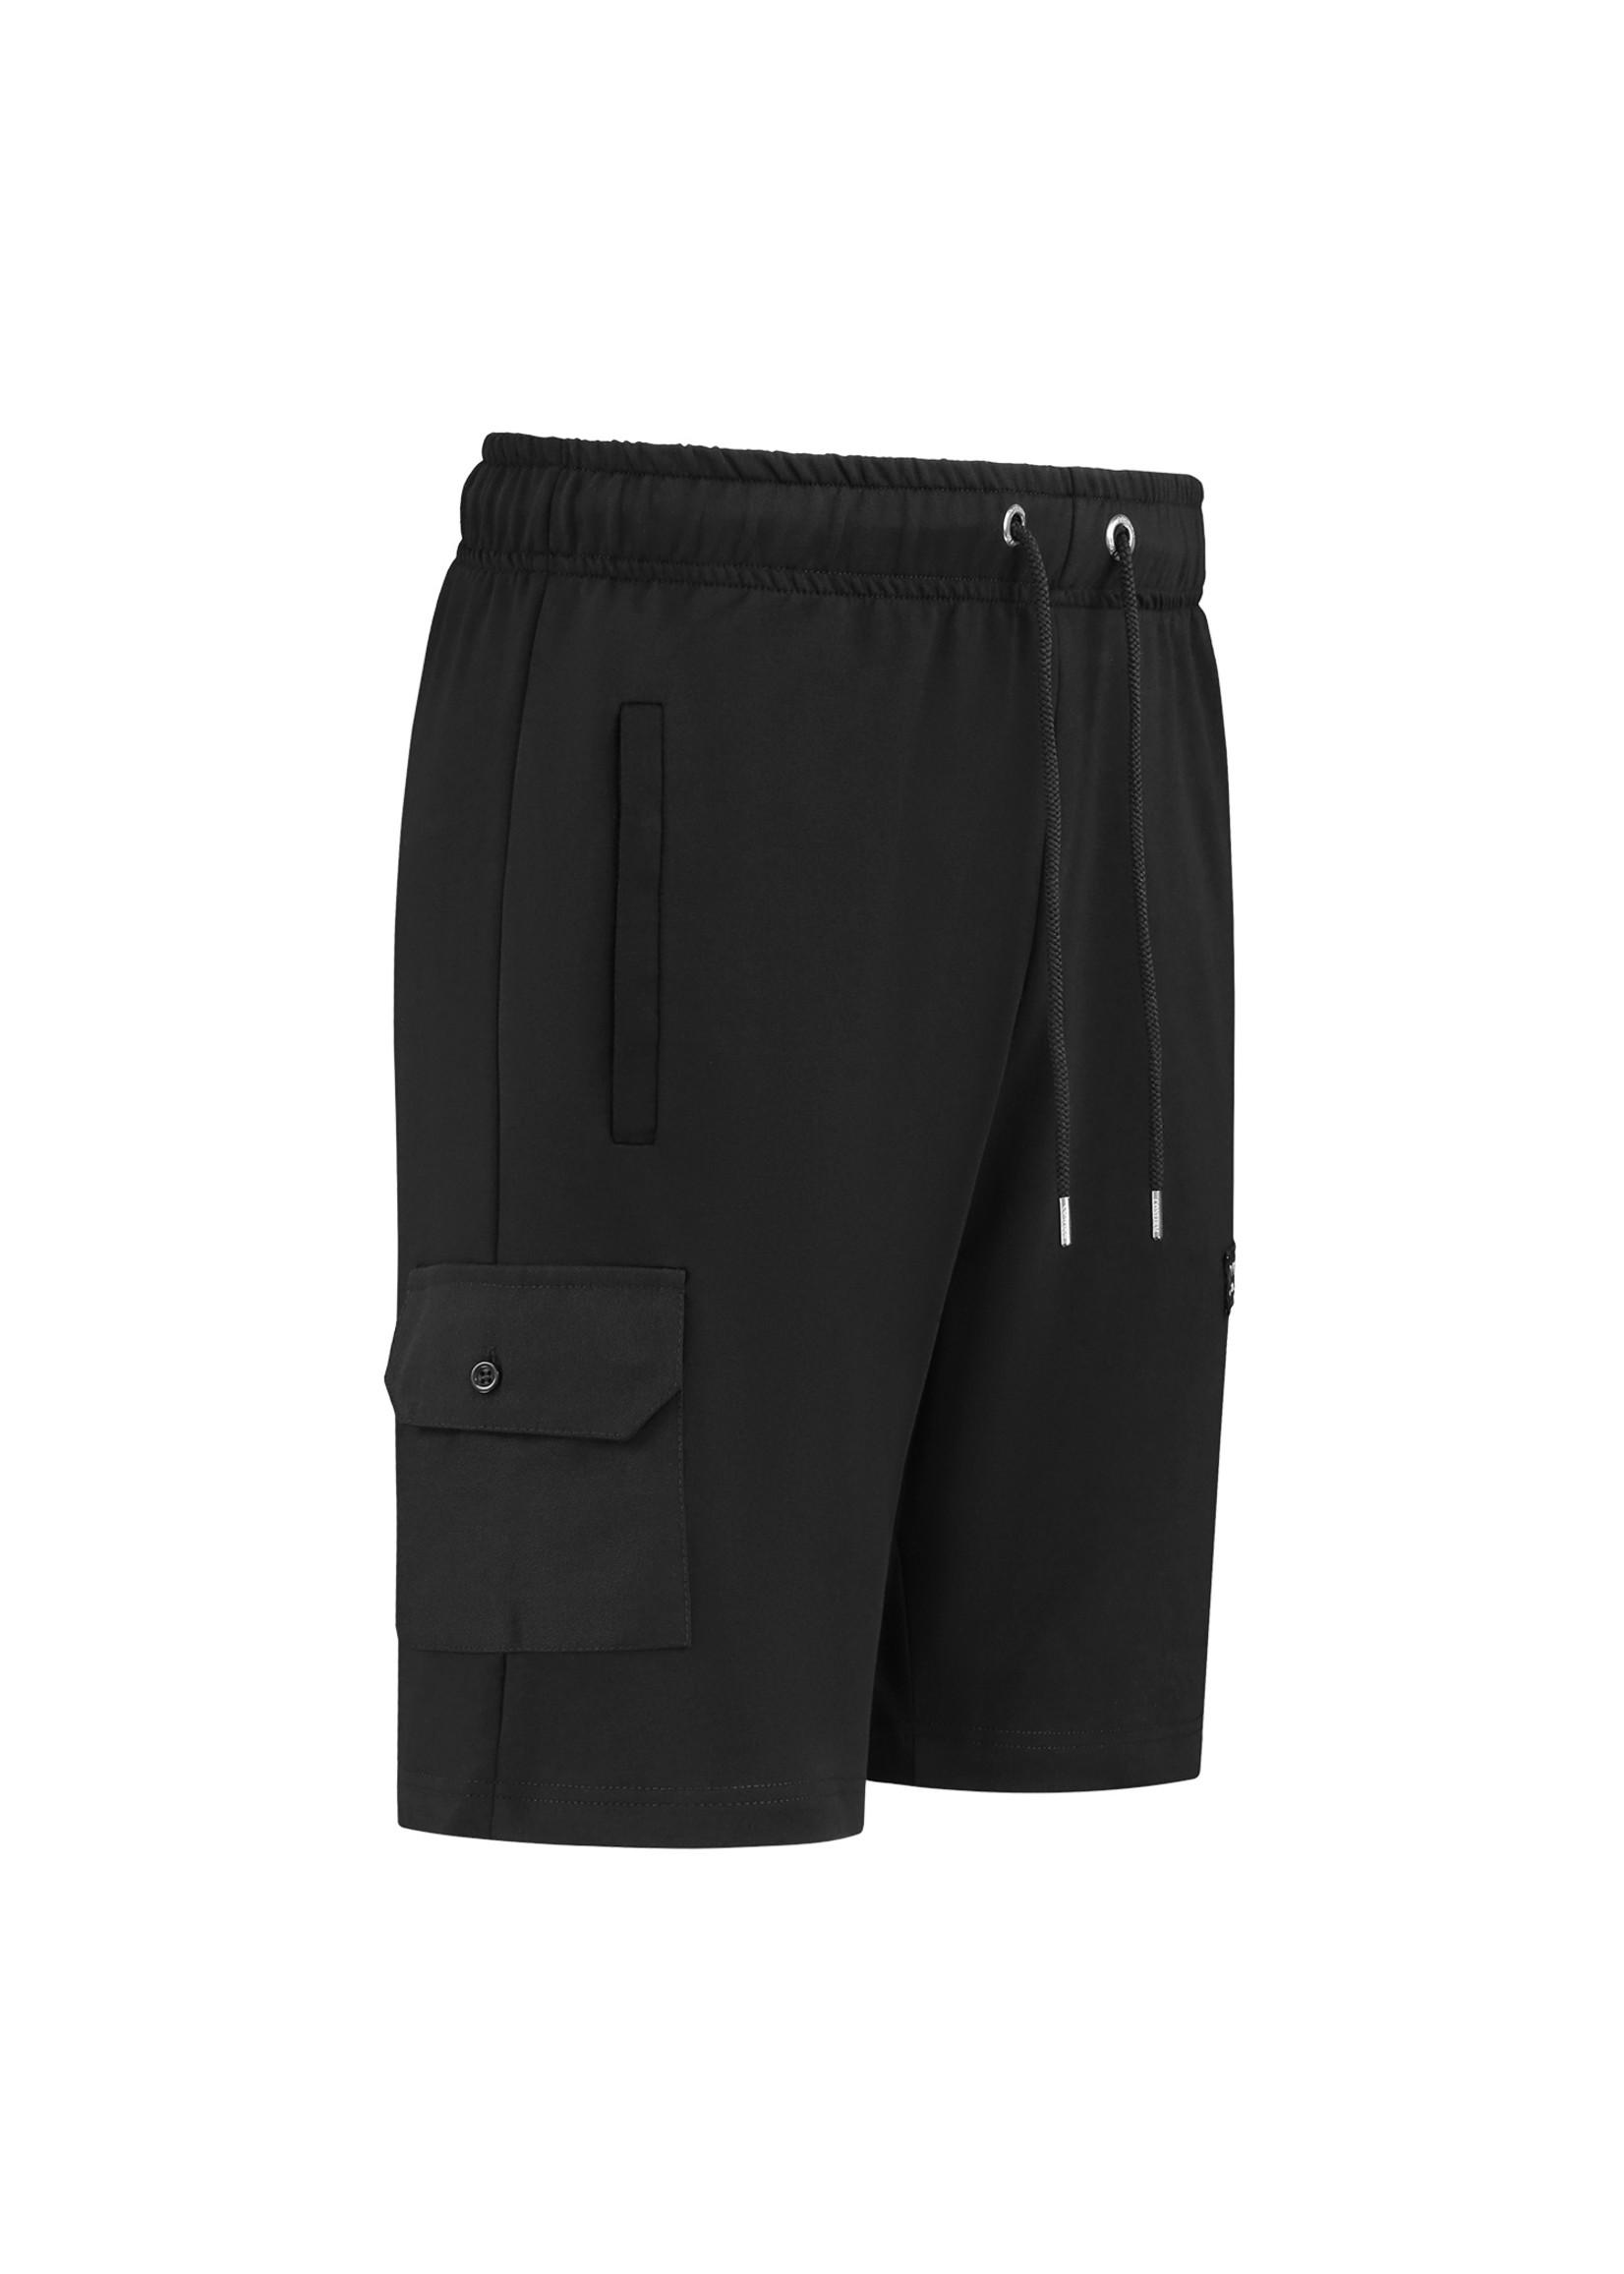 Confirm Korte broek met zak - zwart